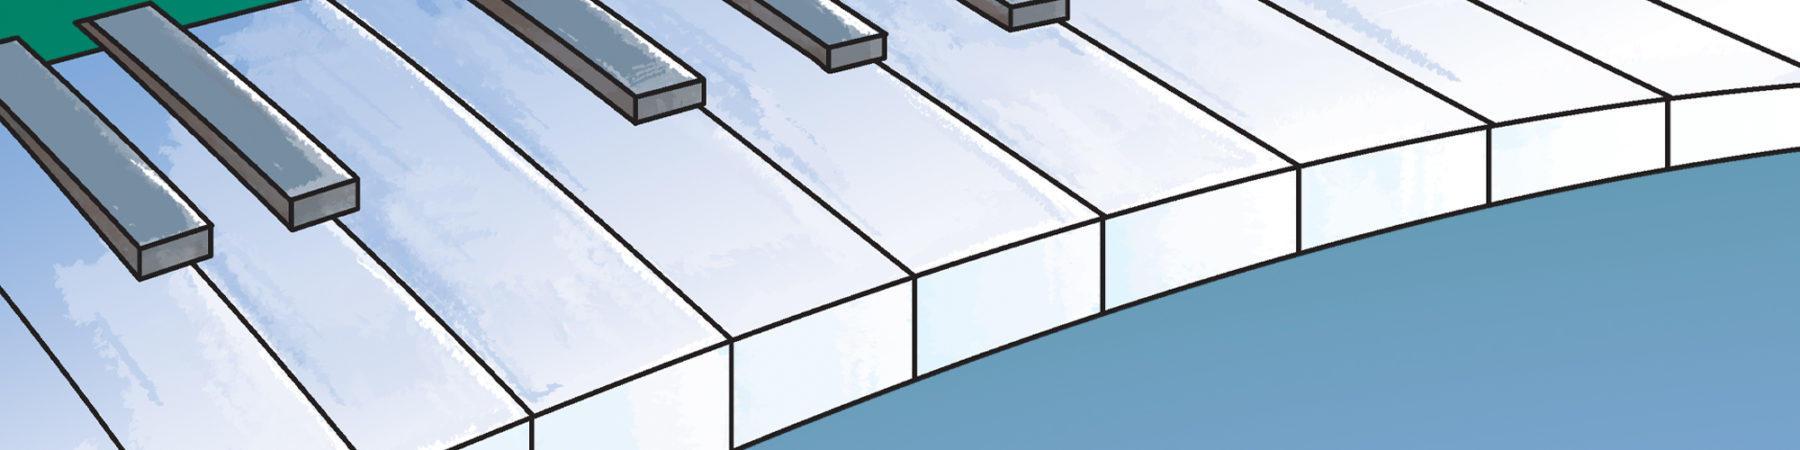 Cartoon piano key background